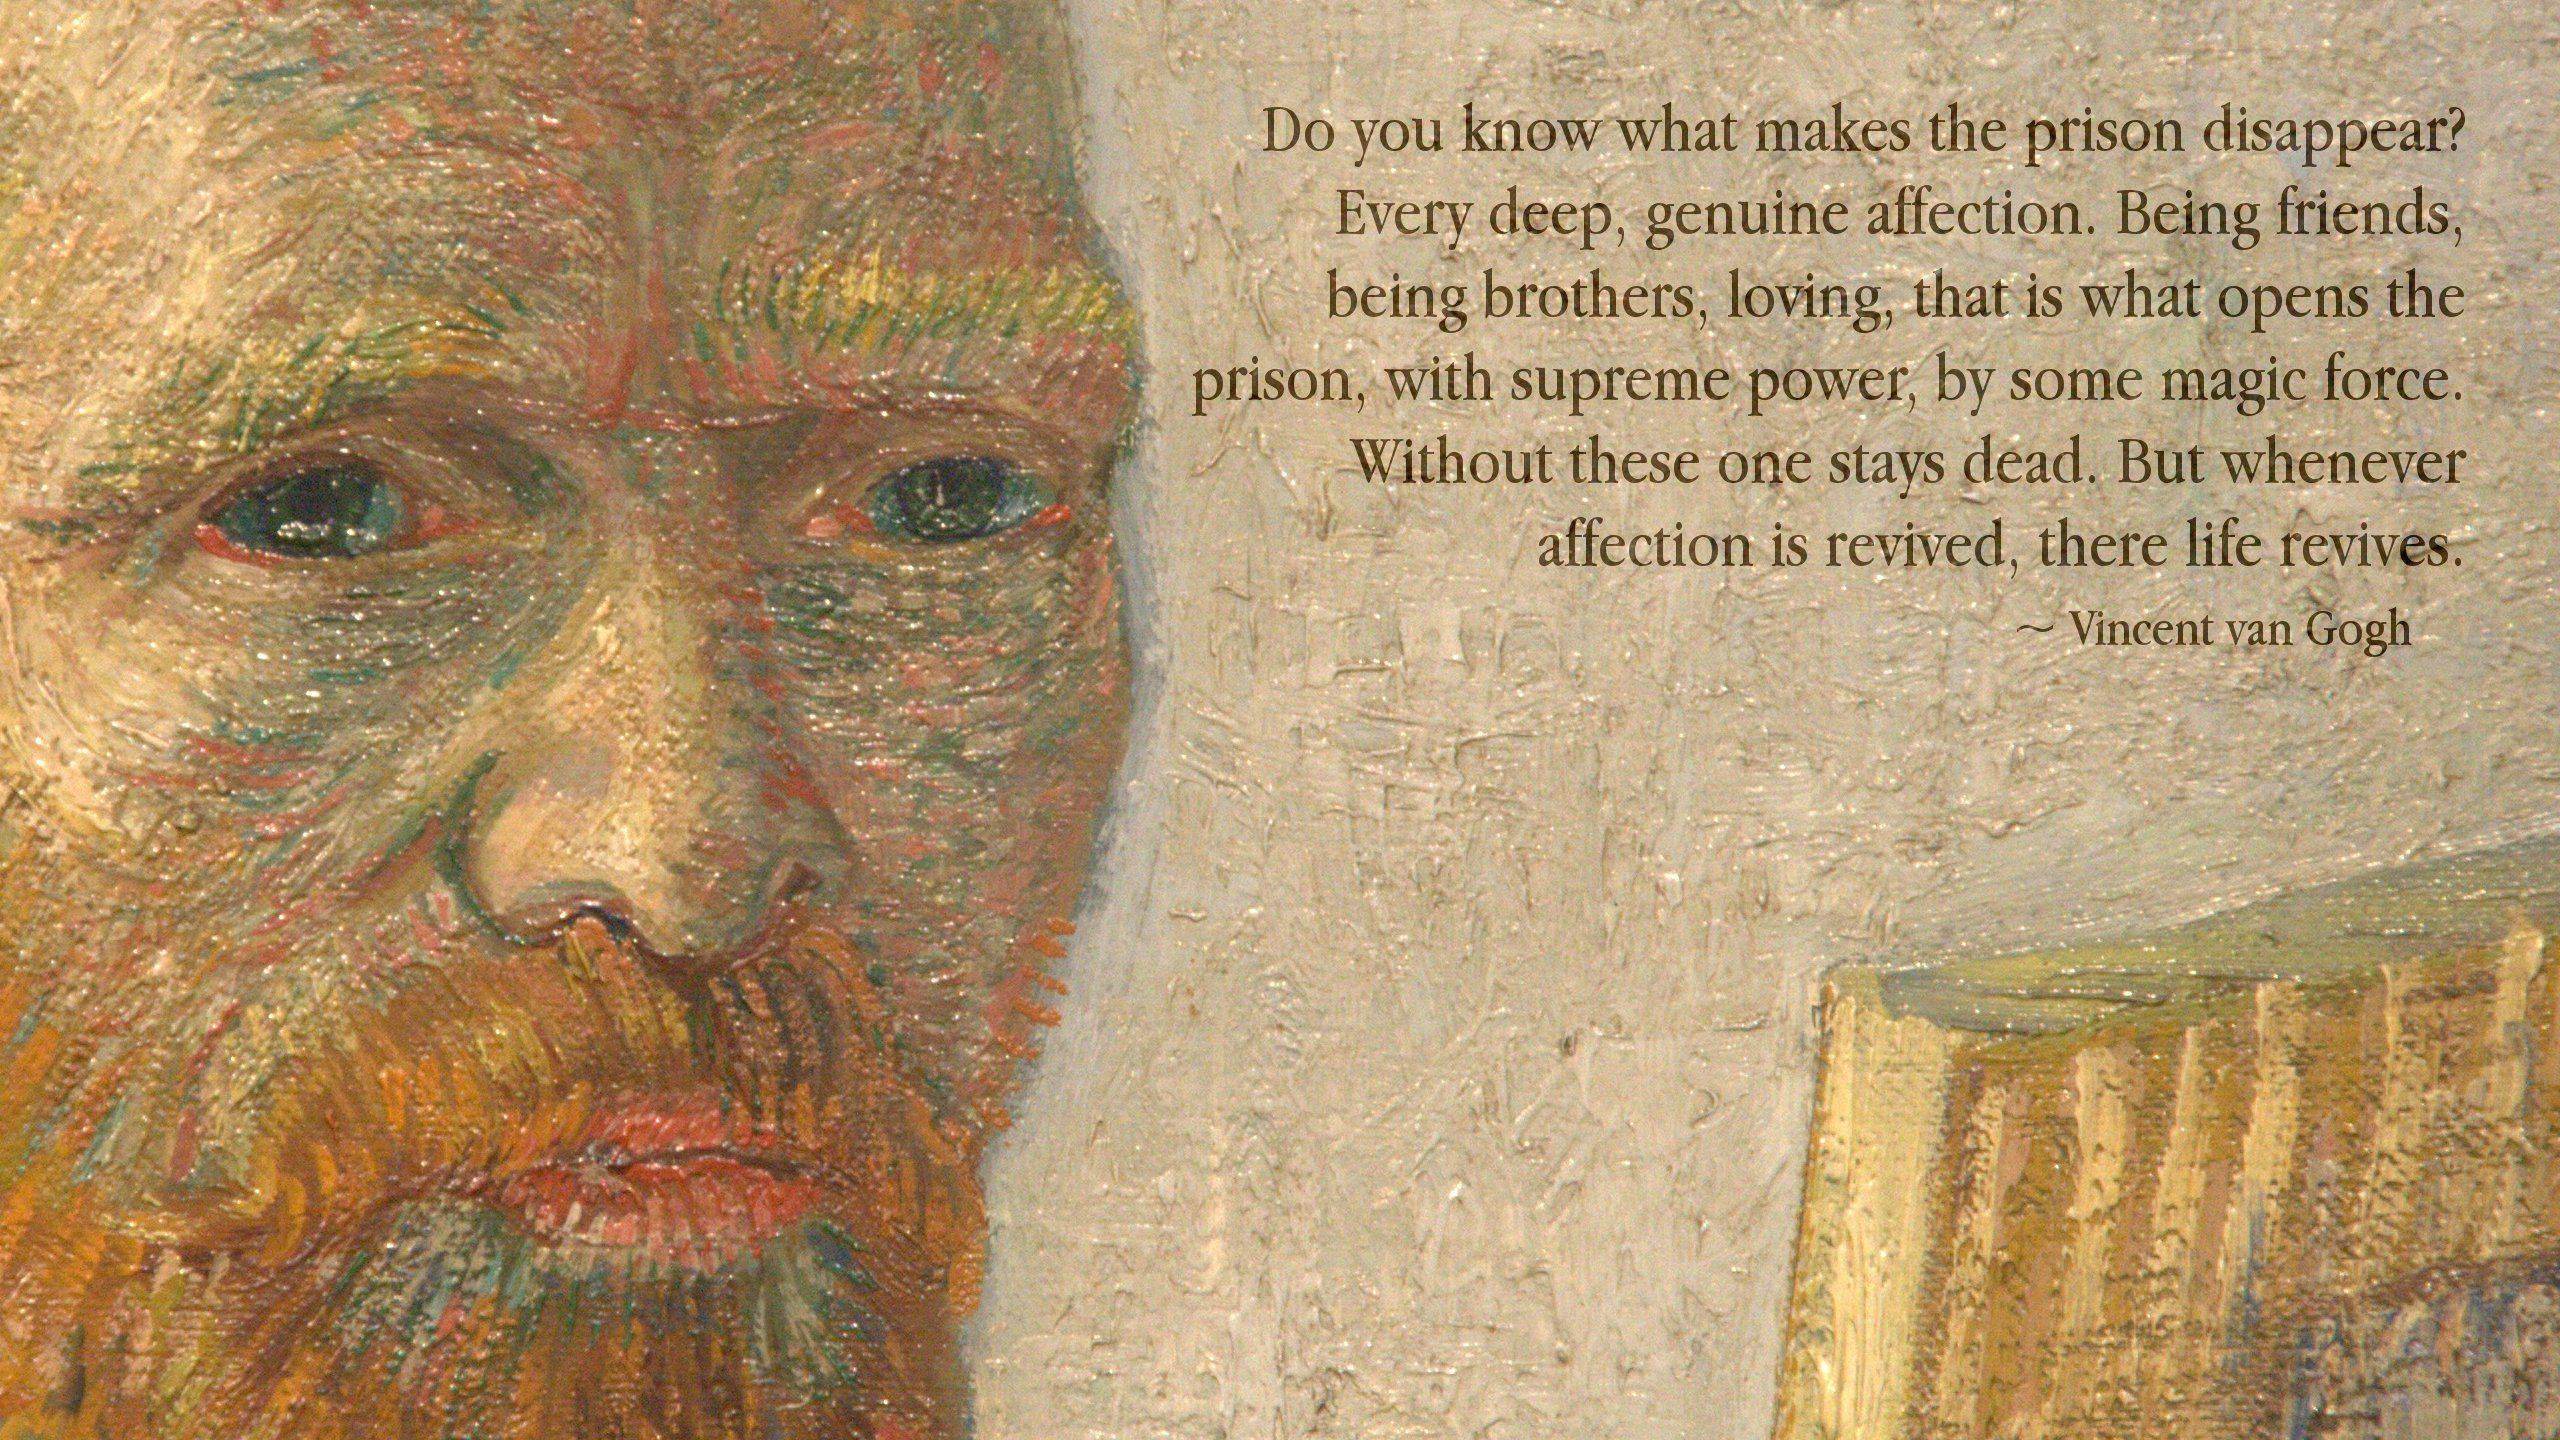 Vincent Van Gogh's quote #4